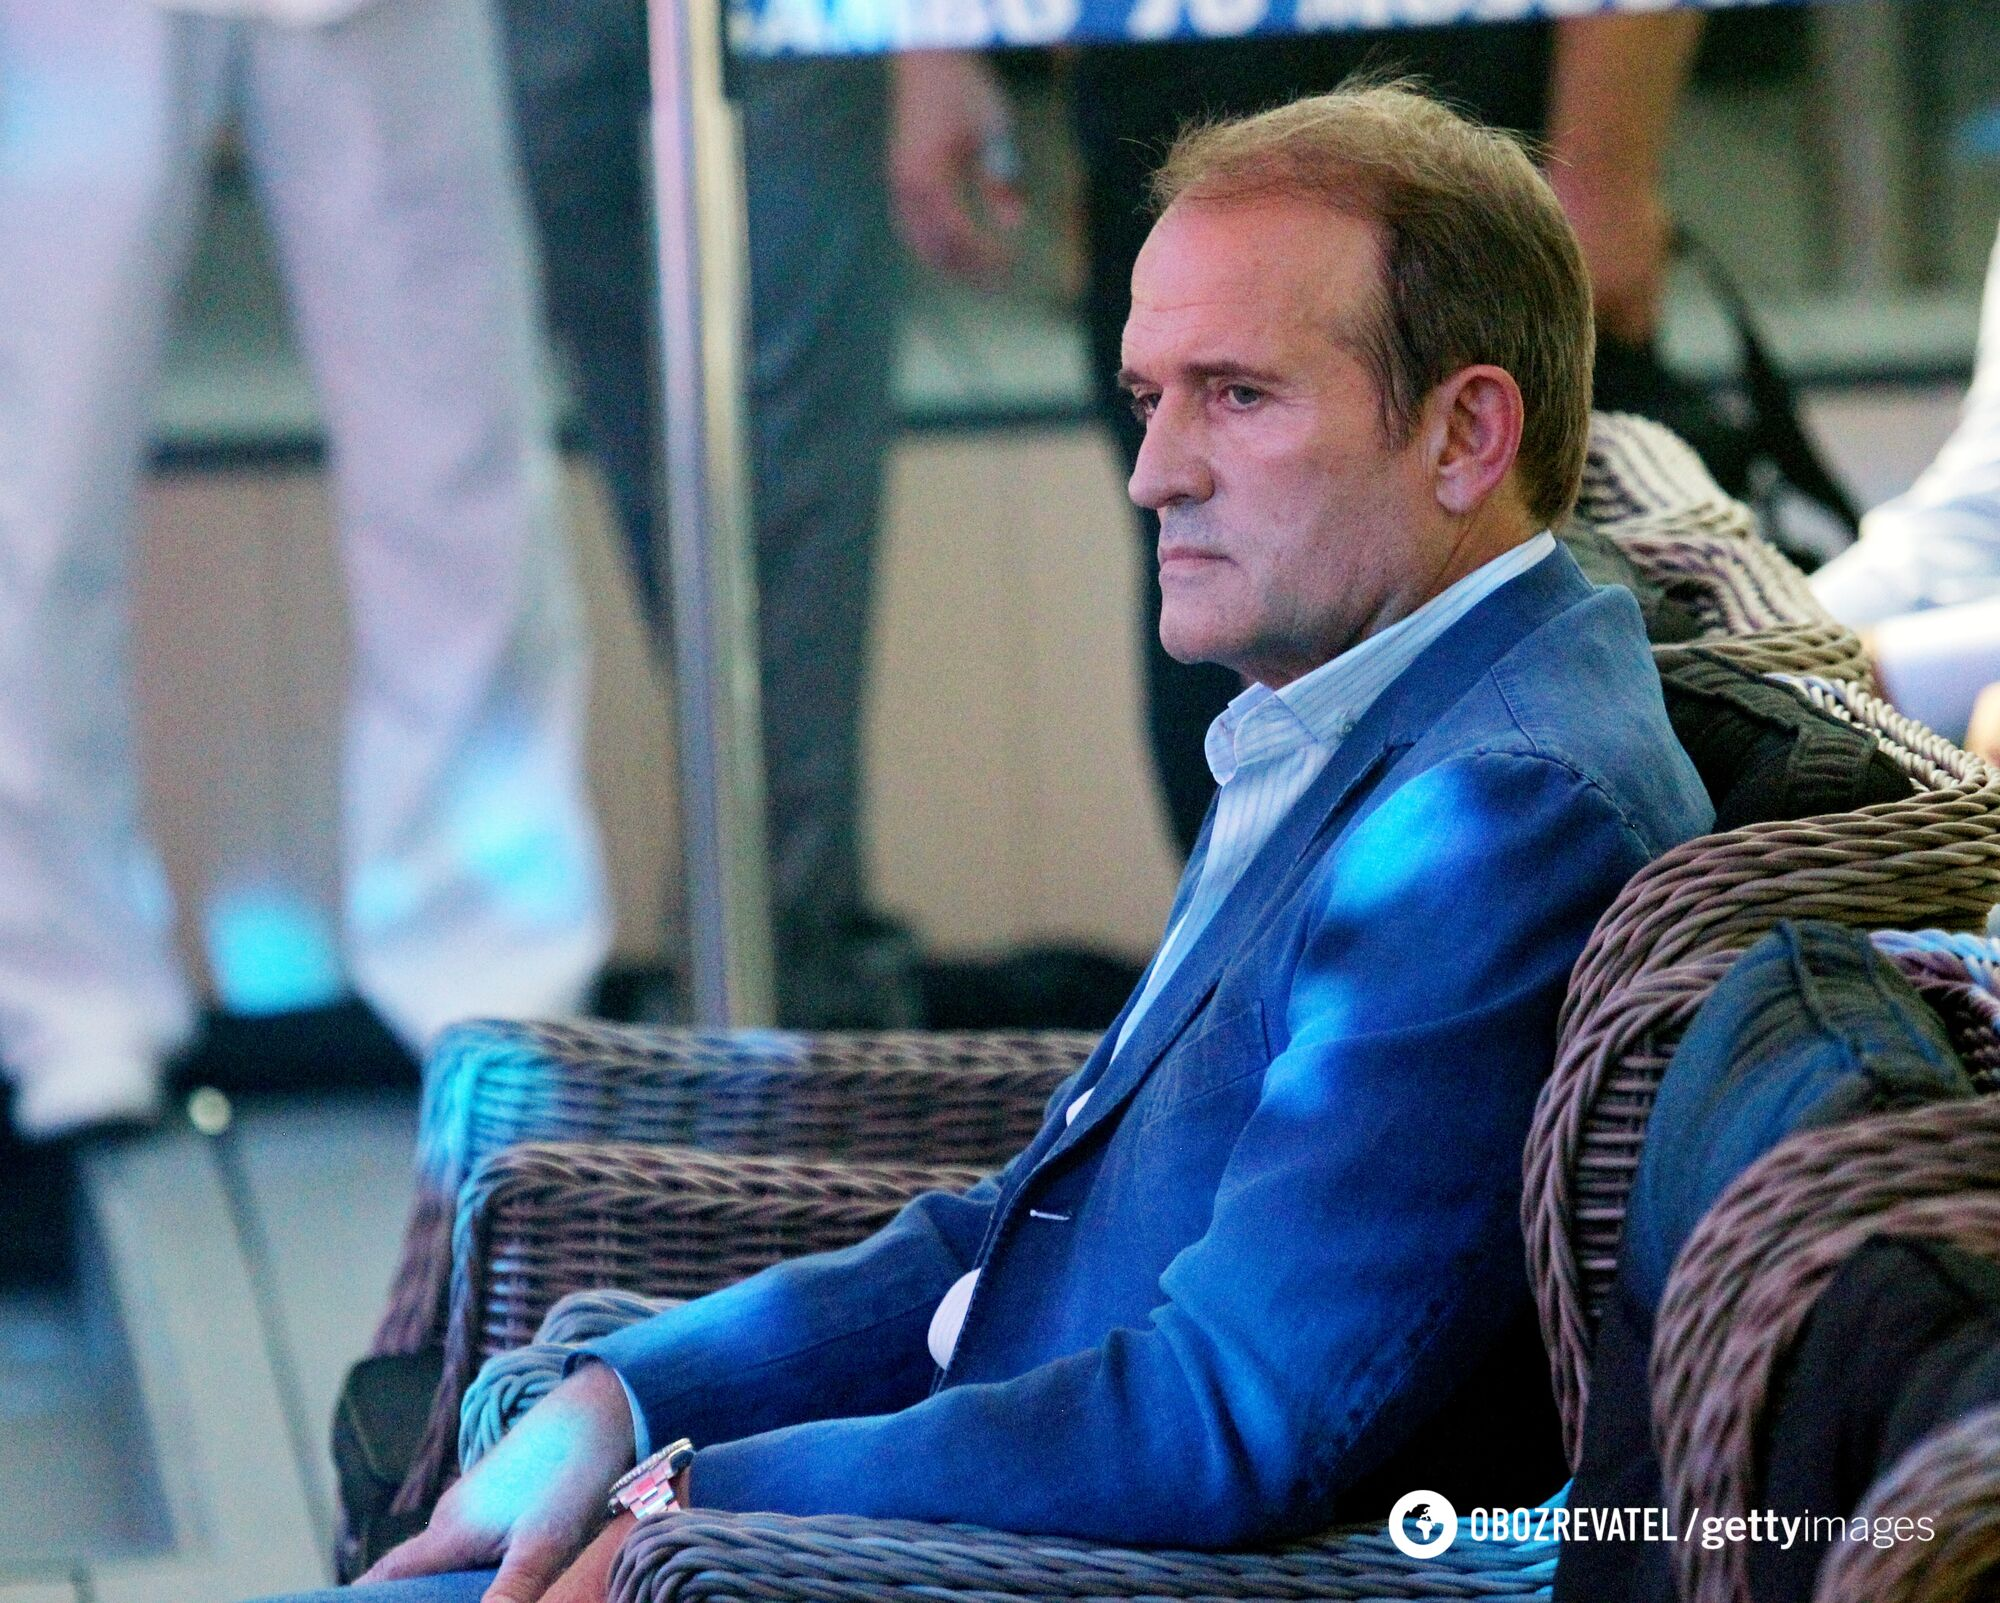 Медведчук может стать президентом Украины: описан сценарий